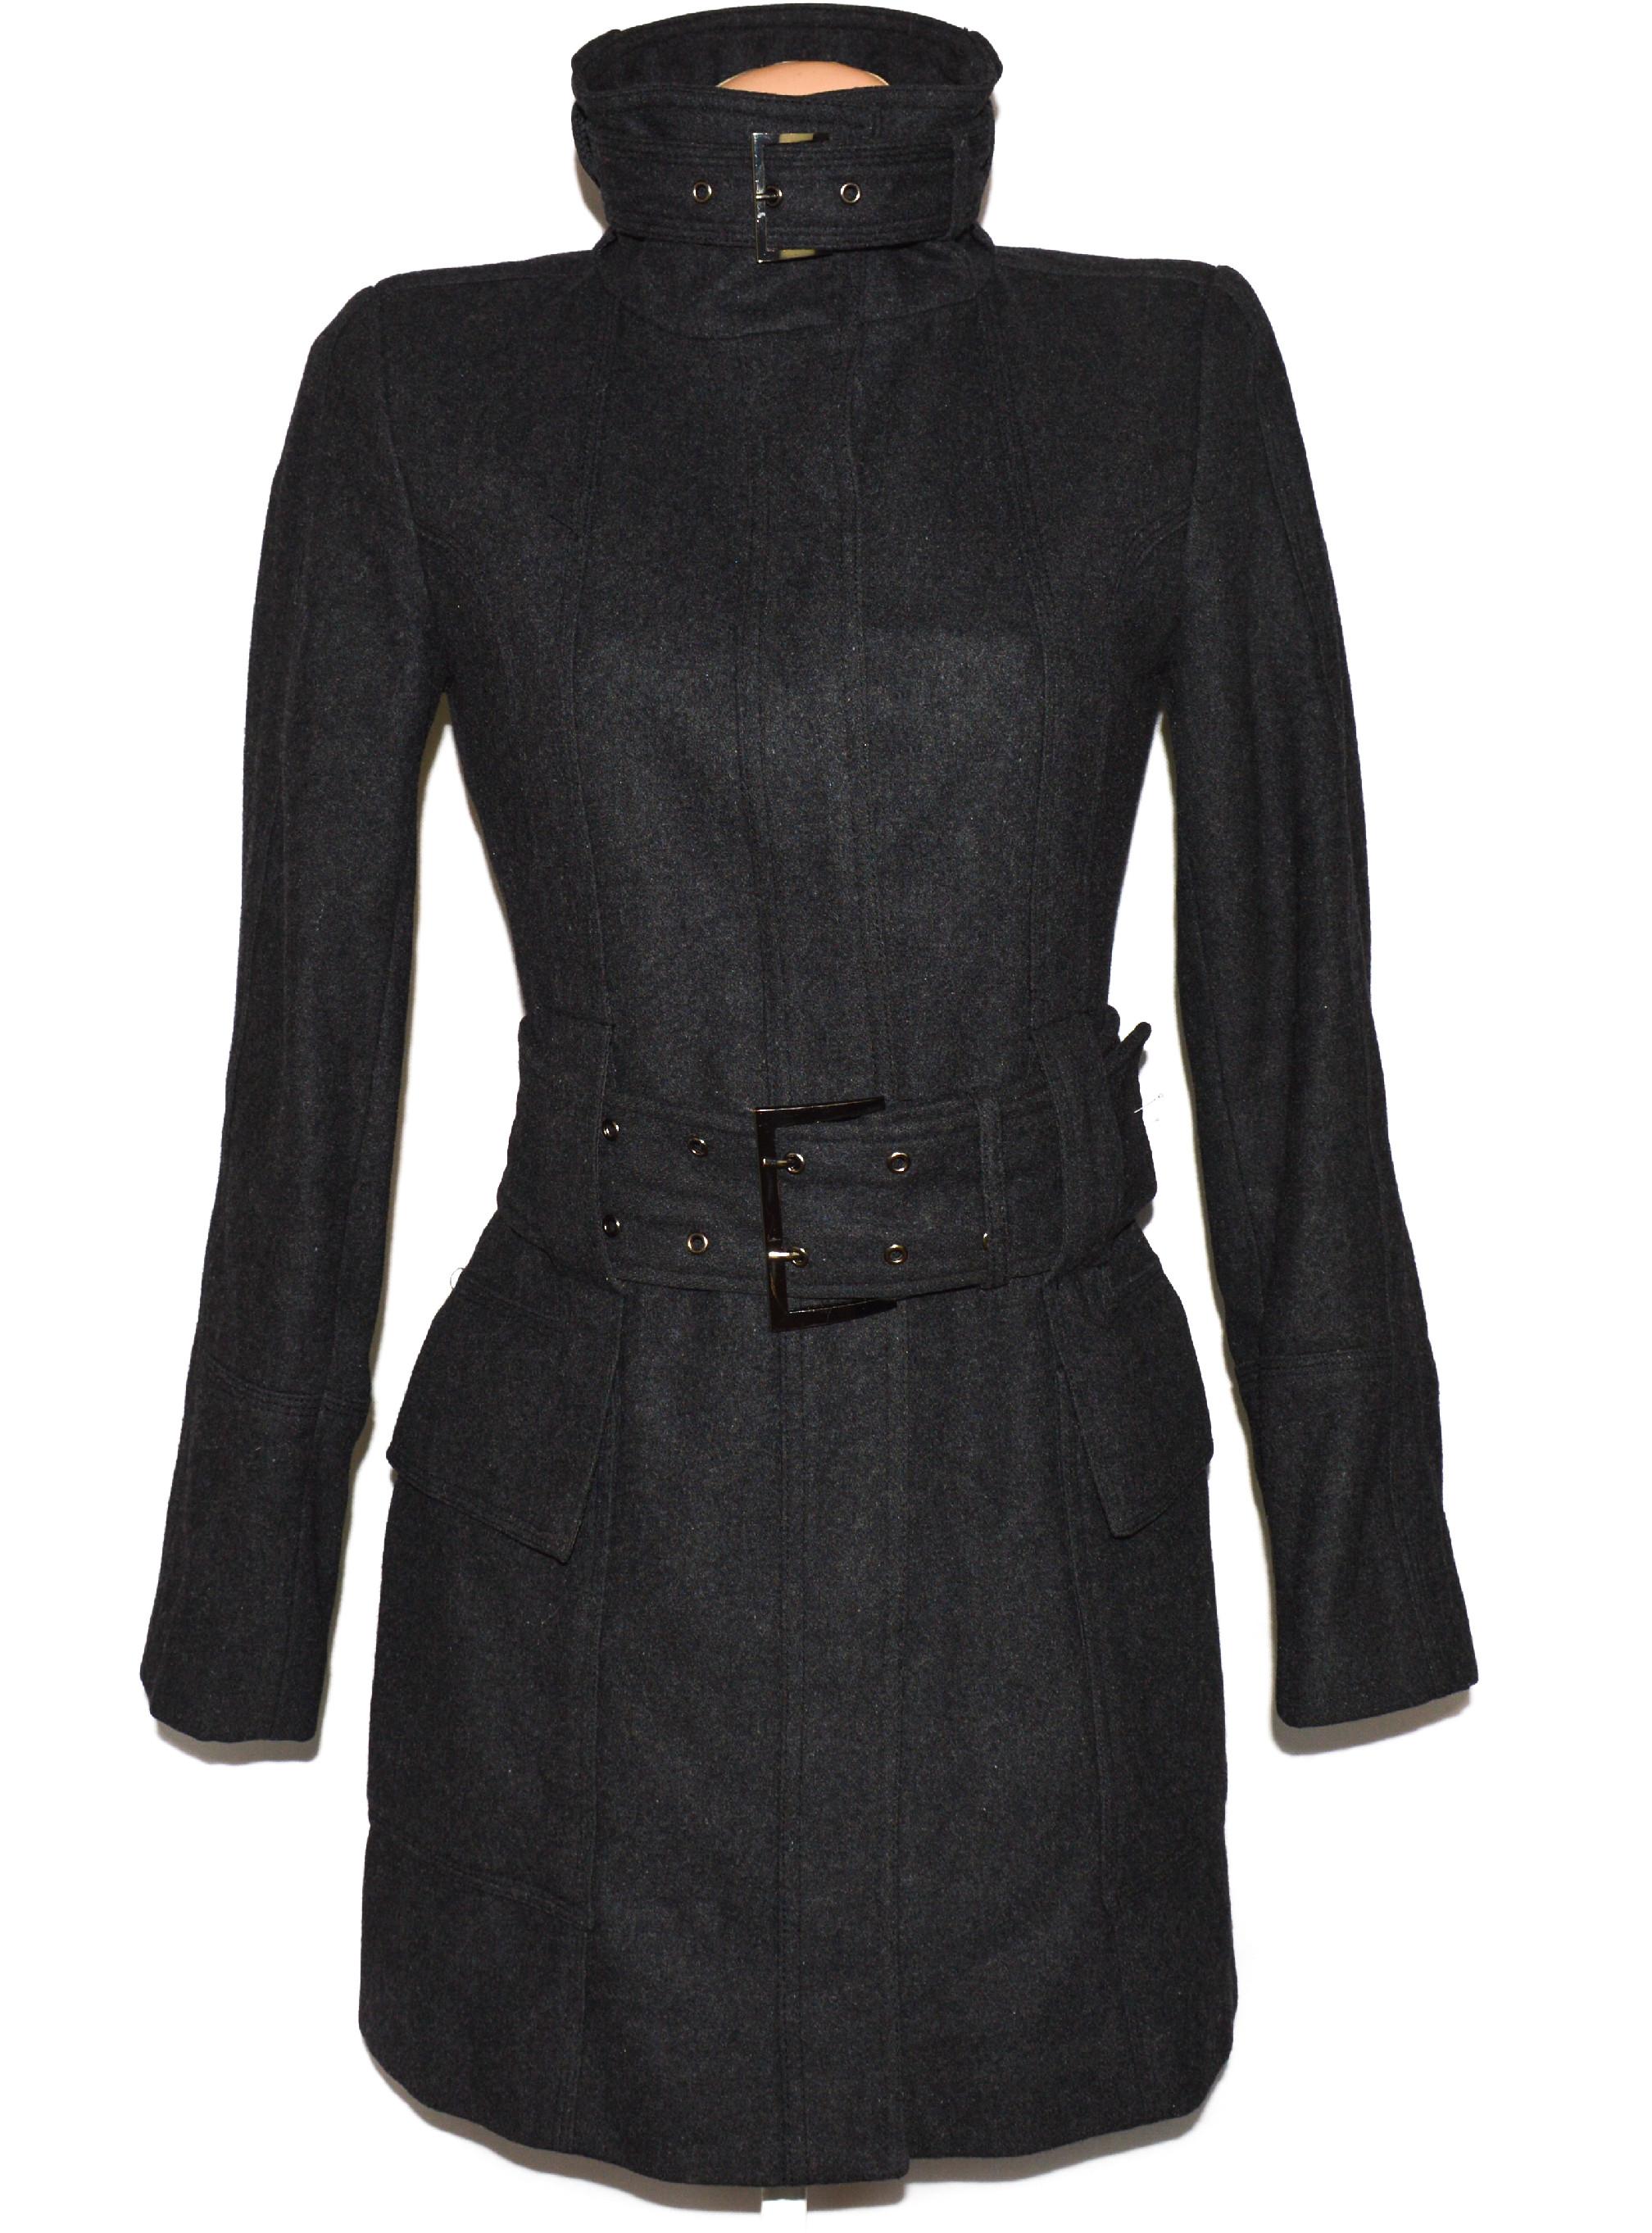 Vlněný dámský šedý kabát s páskem ZARA S